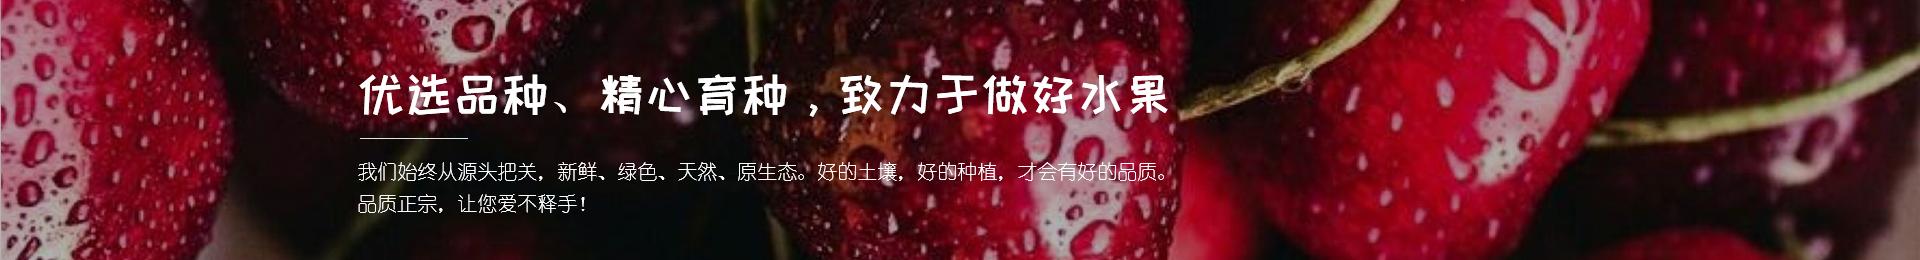 重庆江北草莓采摘基地